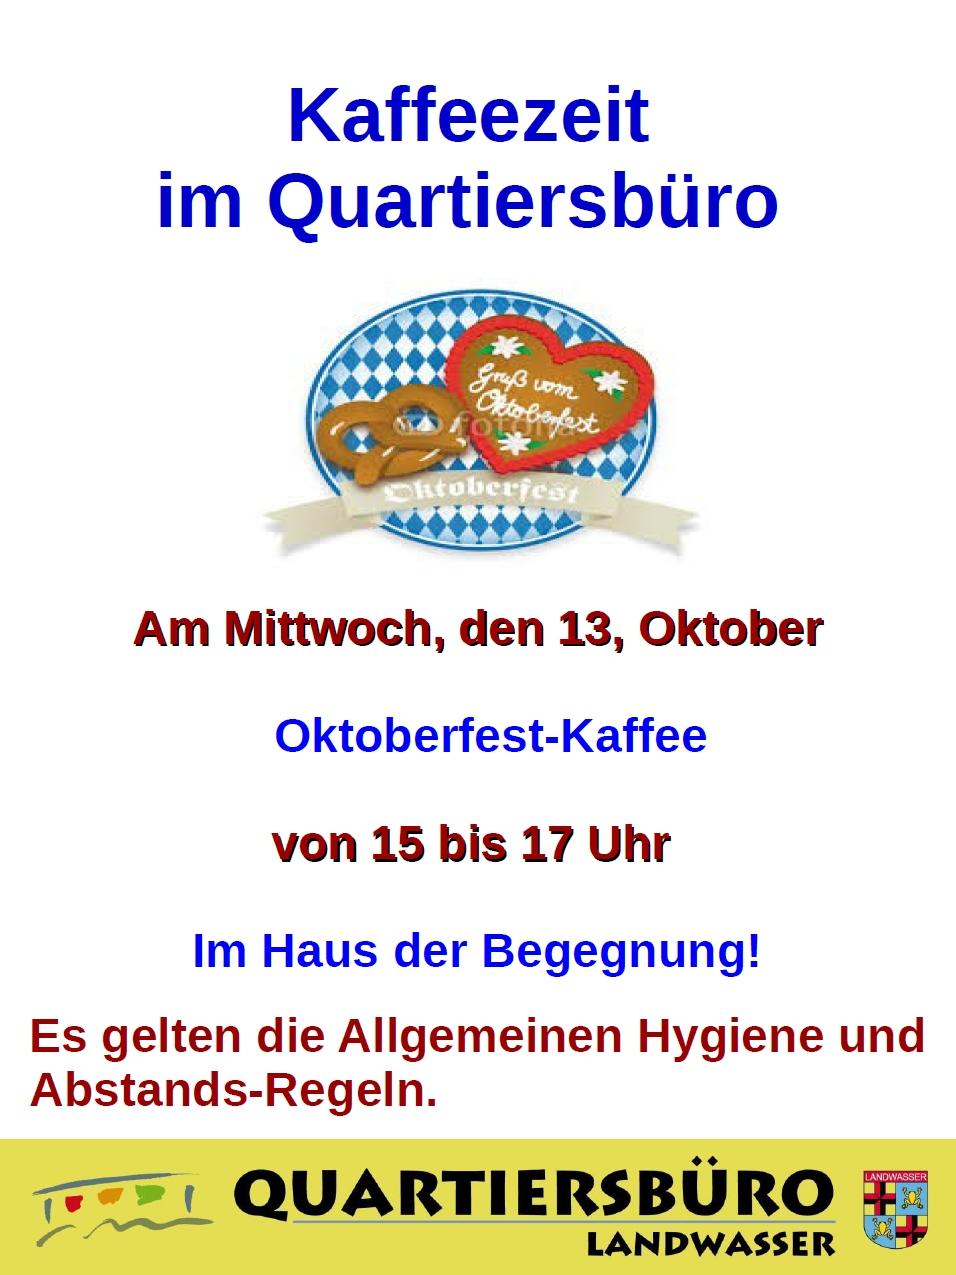 https://hdb-freiburg.de/wp-content/uploads/2021/09/Kaffeezeit-Oktober-2021.jpg